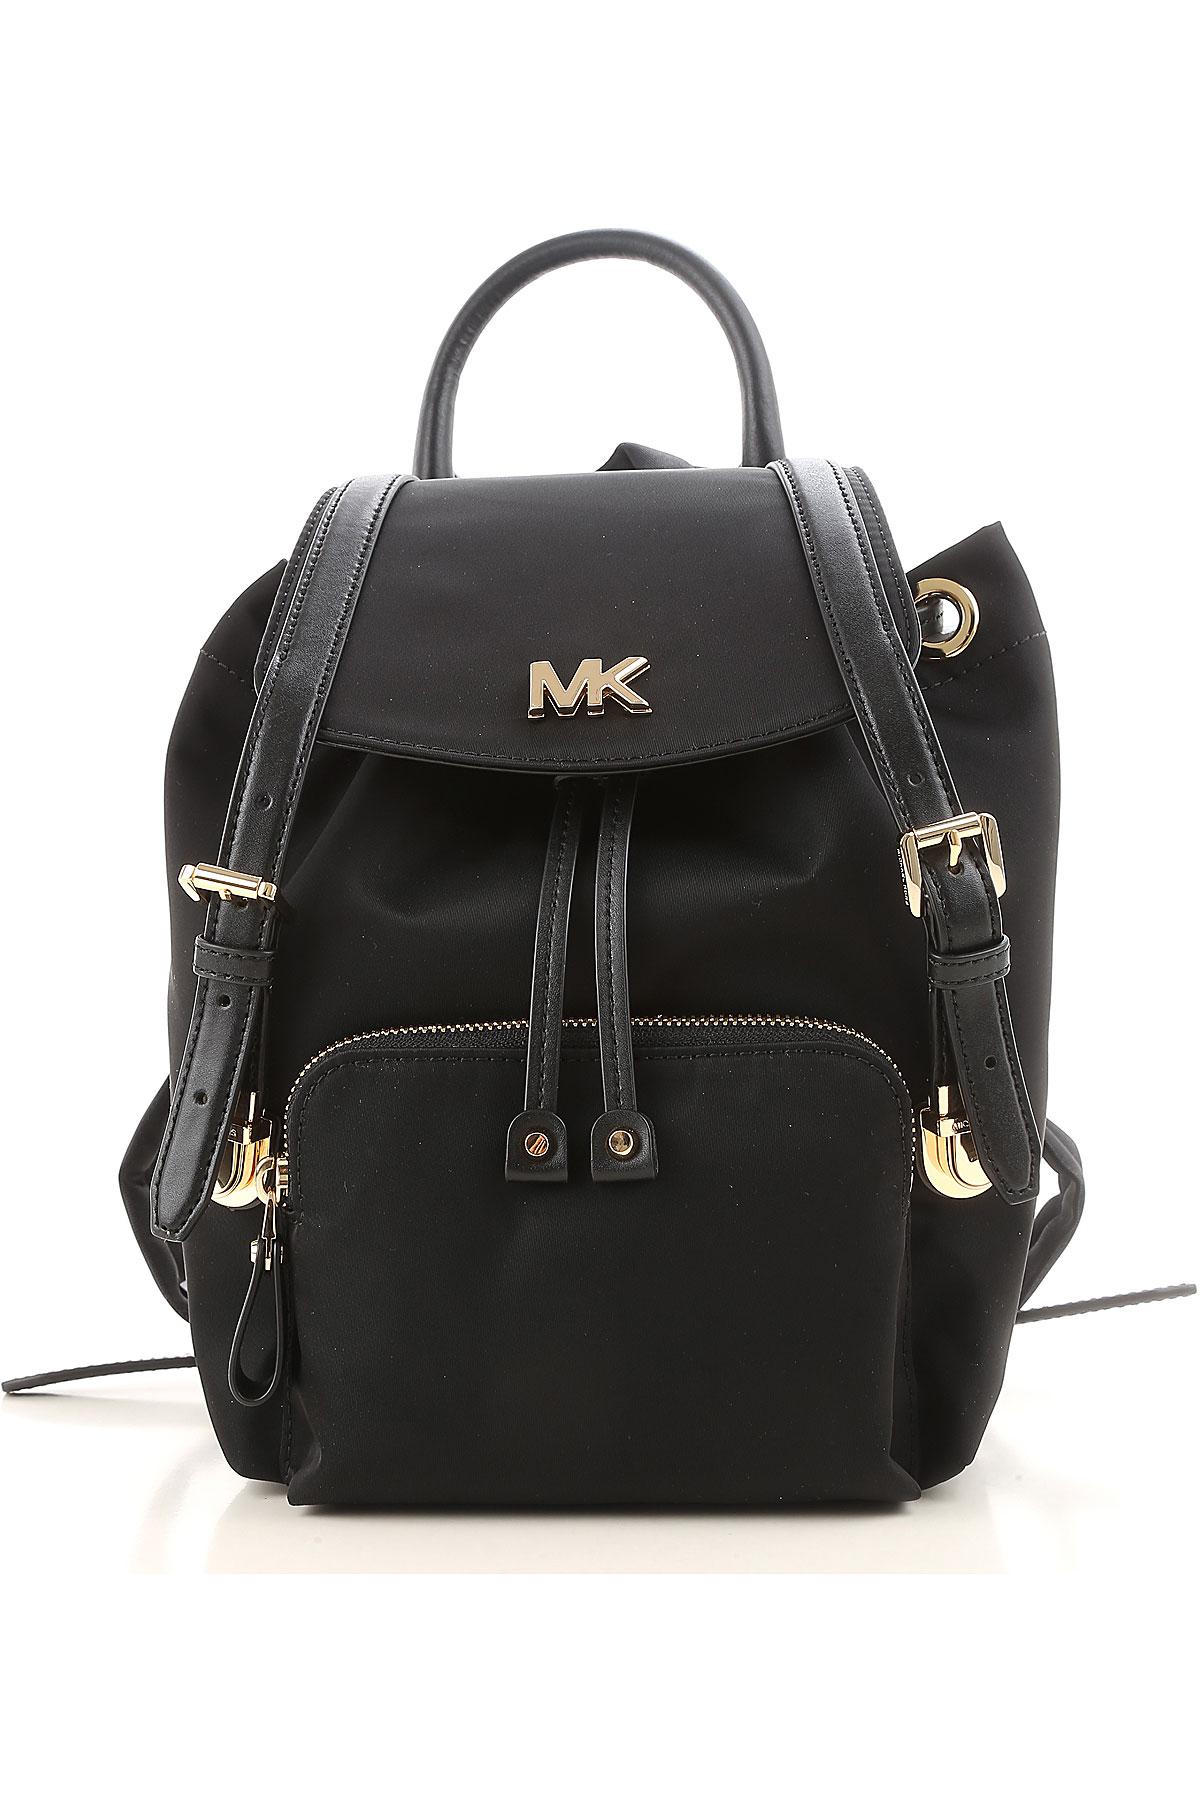 Michael Kors Backpack for Women, Black, Nylon, 2019